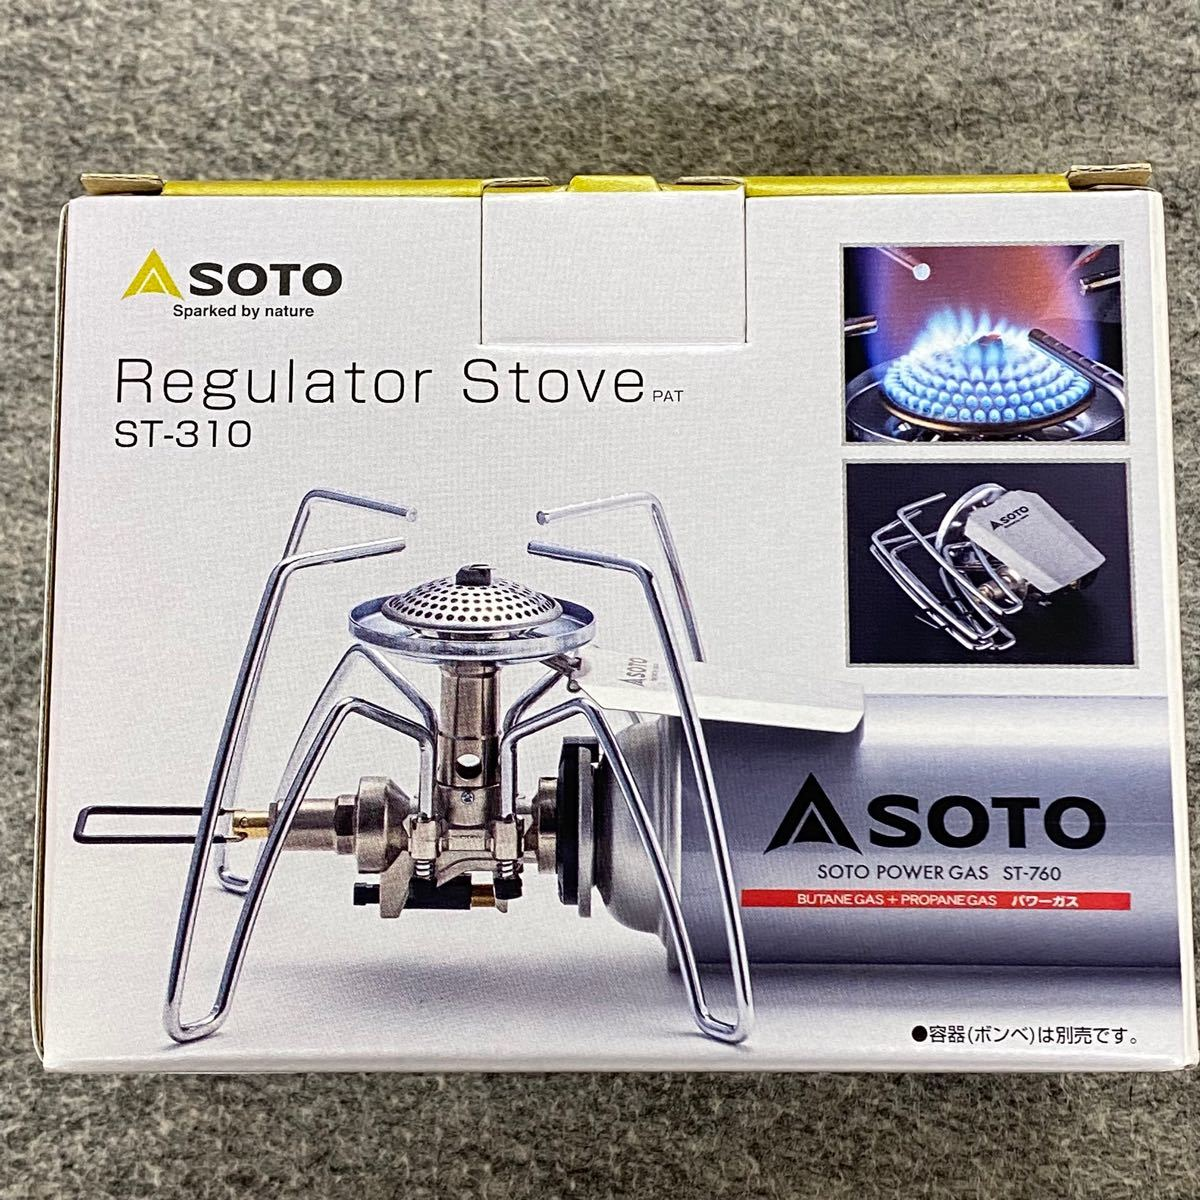 SOTO 新富士バーナー SOTO 新富士バーナー レギュレーターストーブ ST-310 新富士バーナー